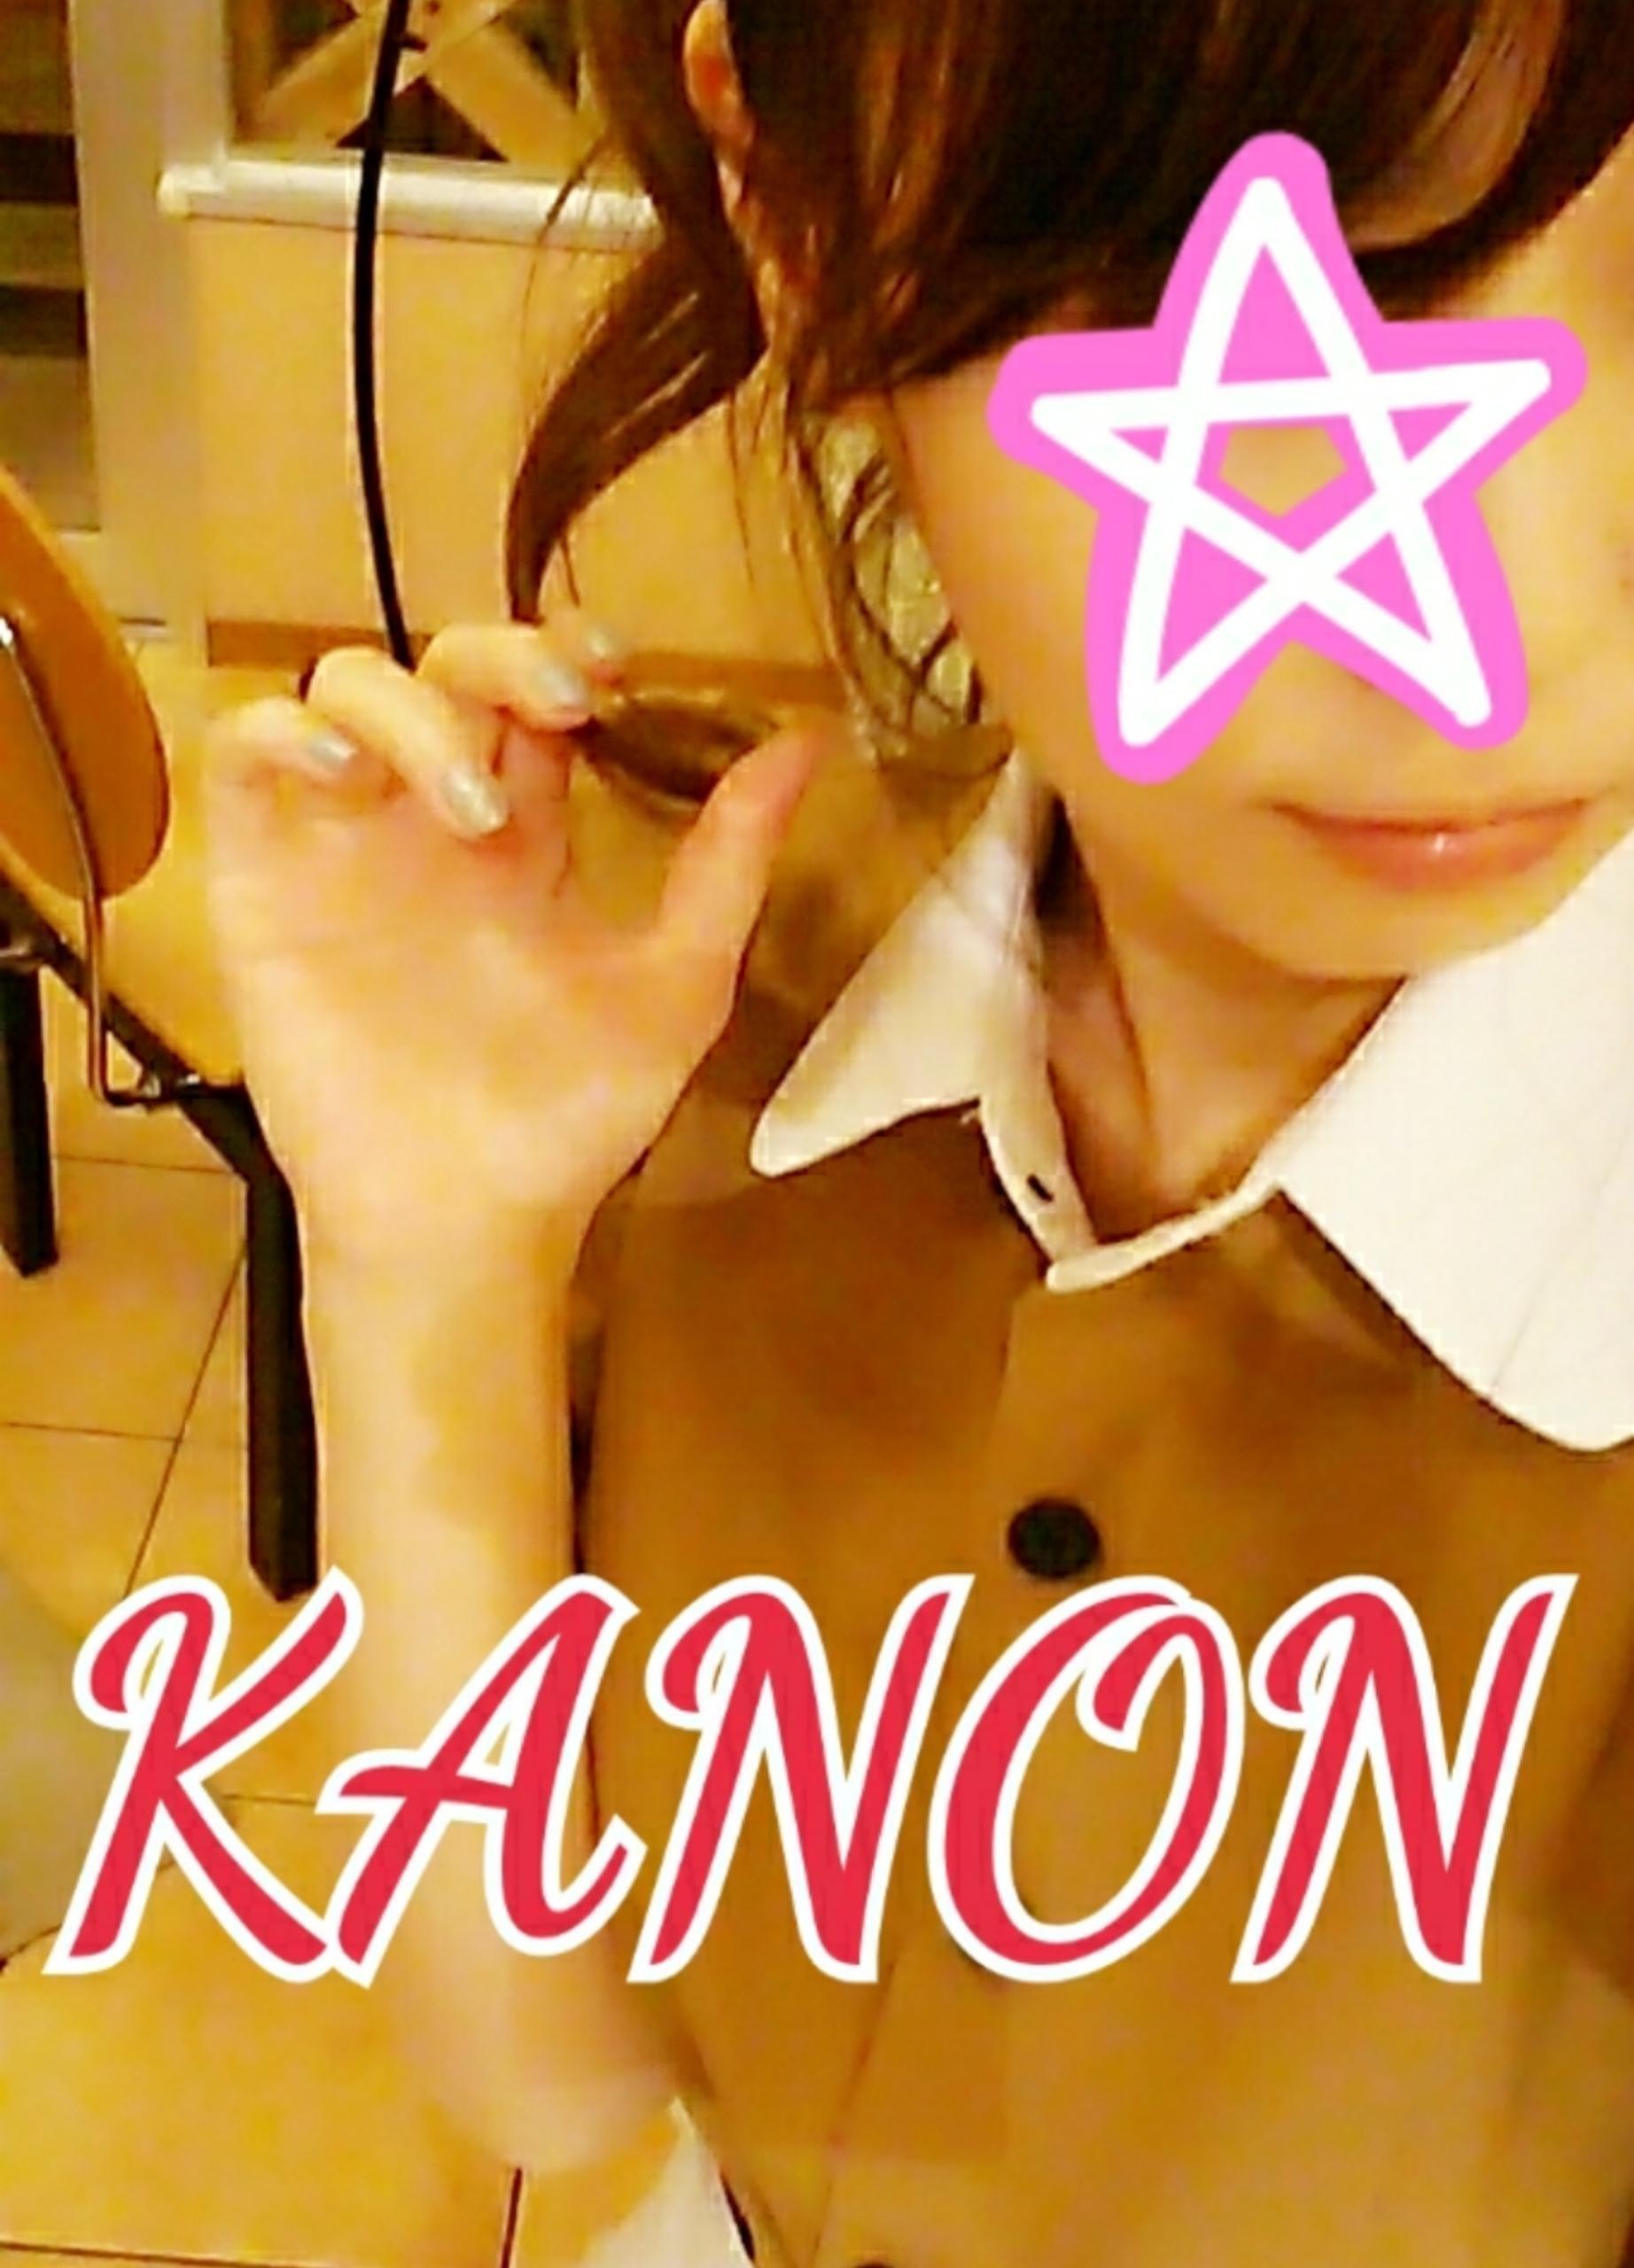 「ダート☆」12/01(土) 16:24 | Kanon(LAclassの写メ・風俗動画